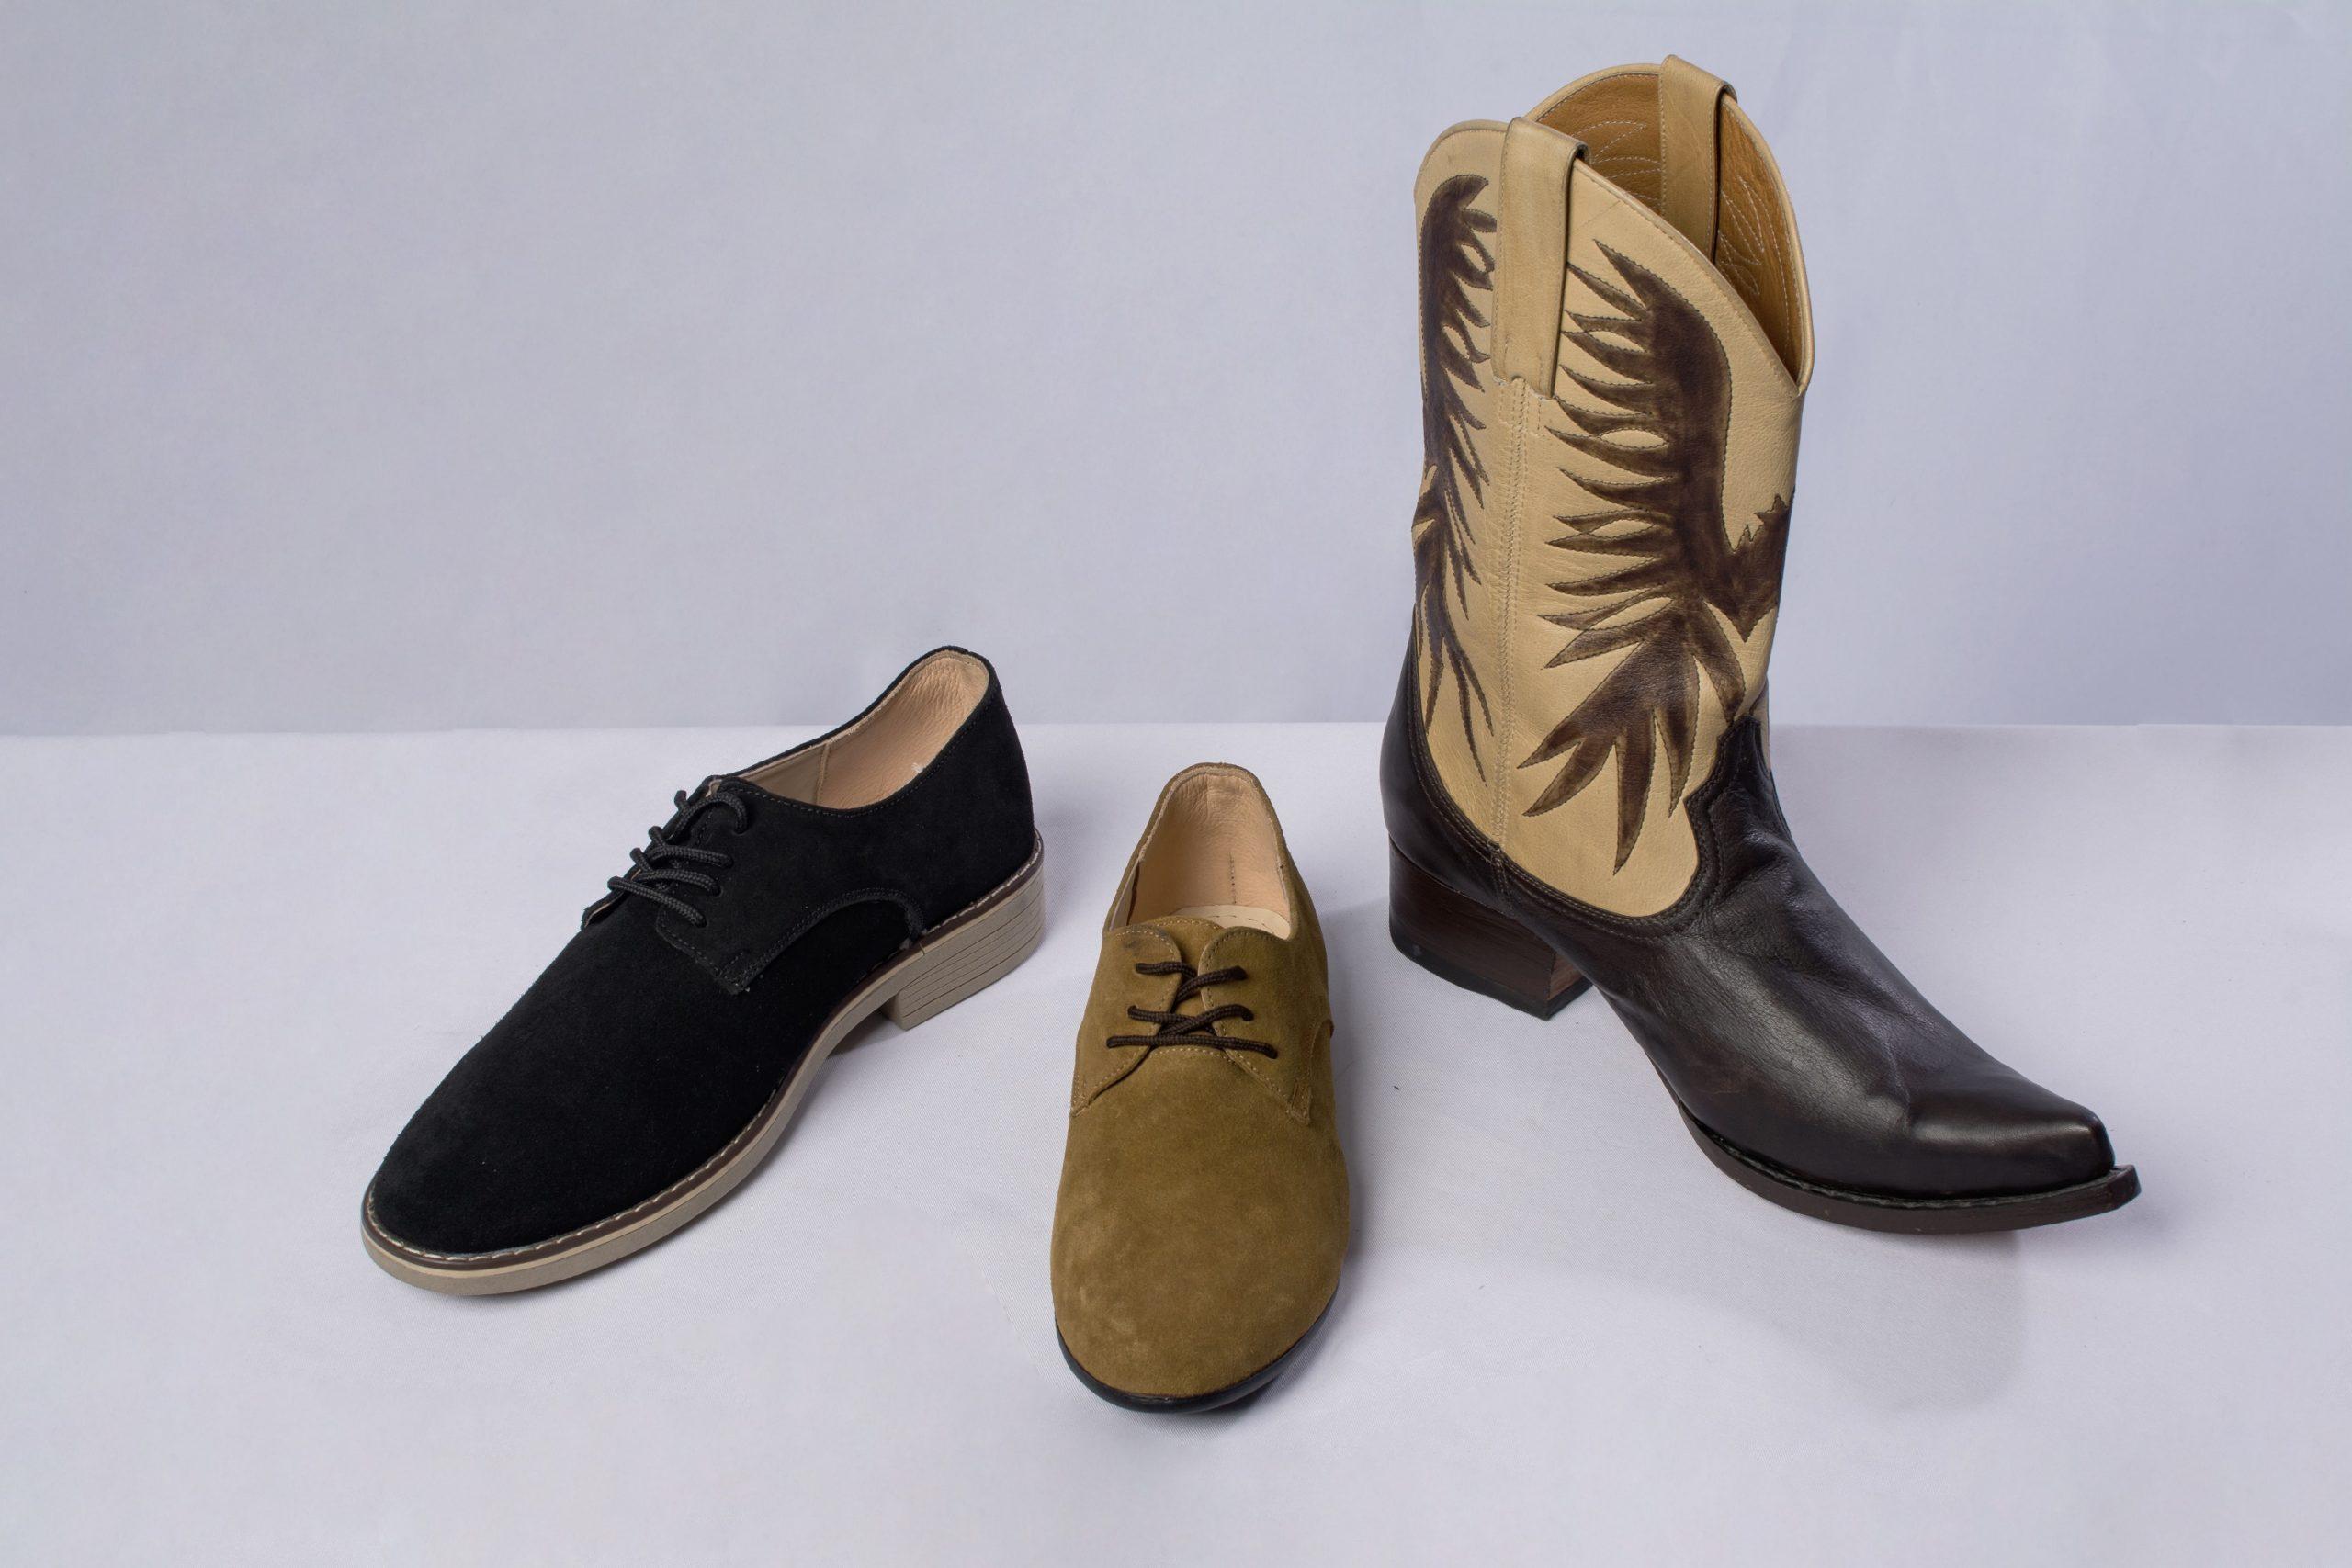 Bota y zapatos de diario. Material: Cuero de llama, res, cuero nobu y cuero lustrable.